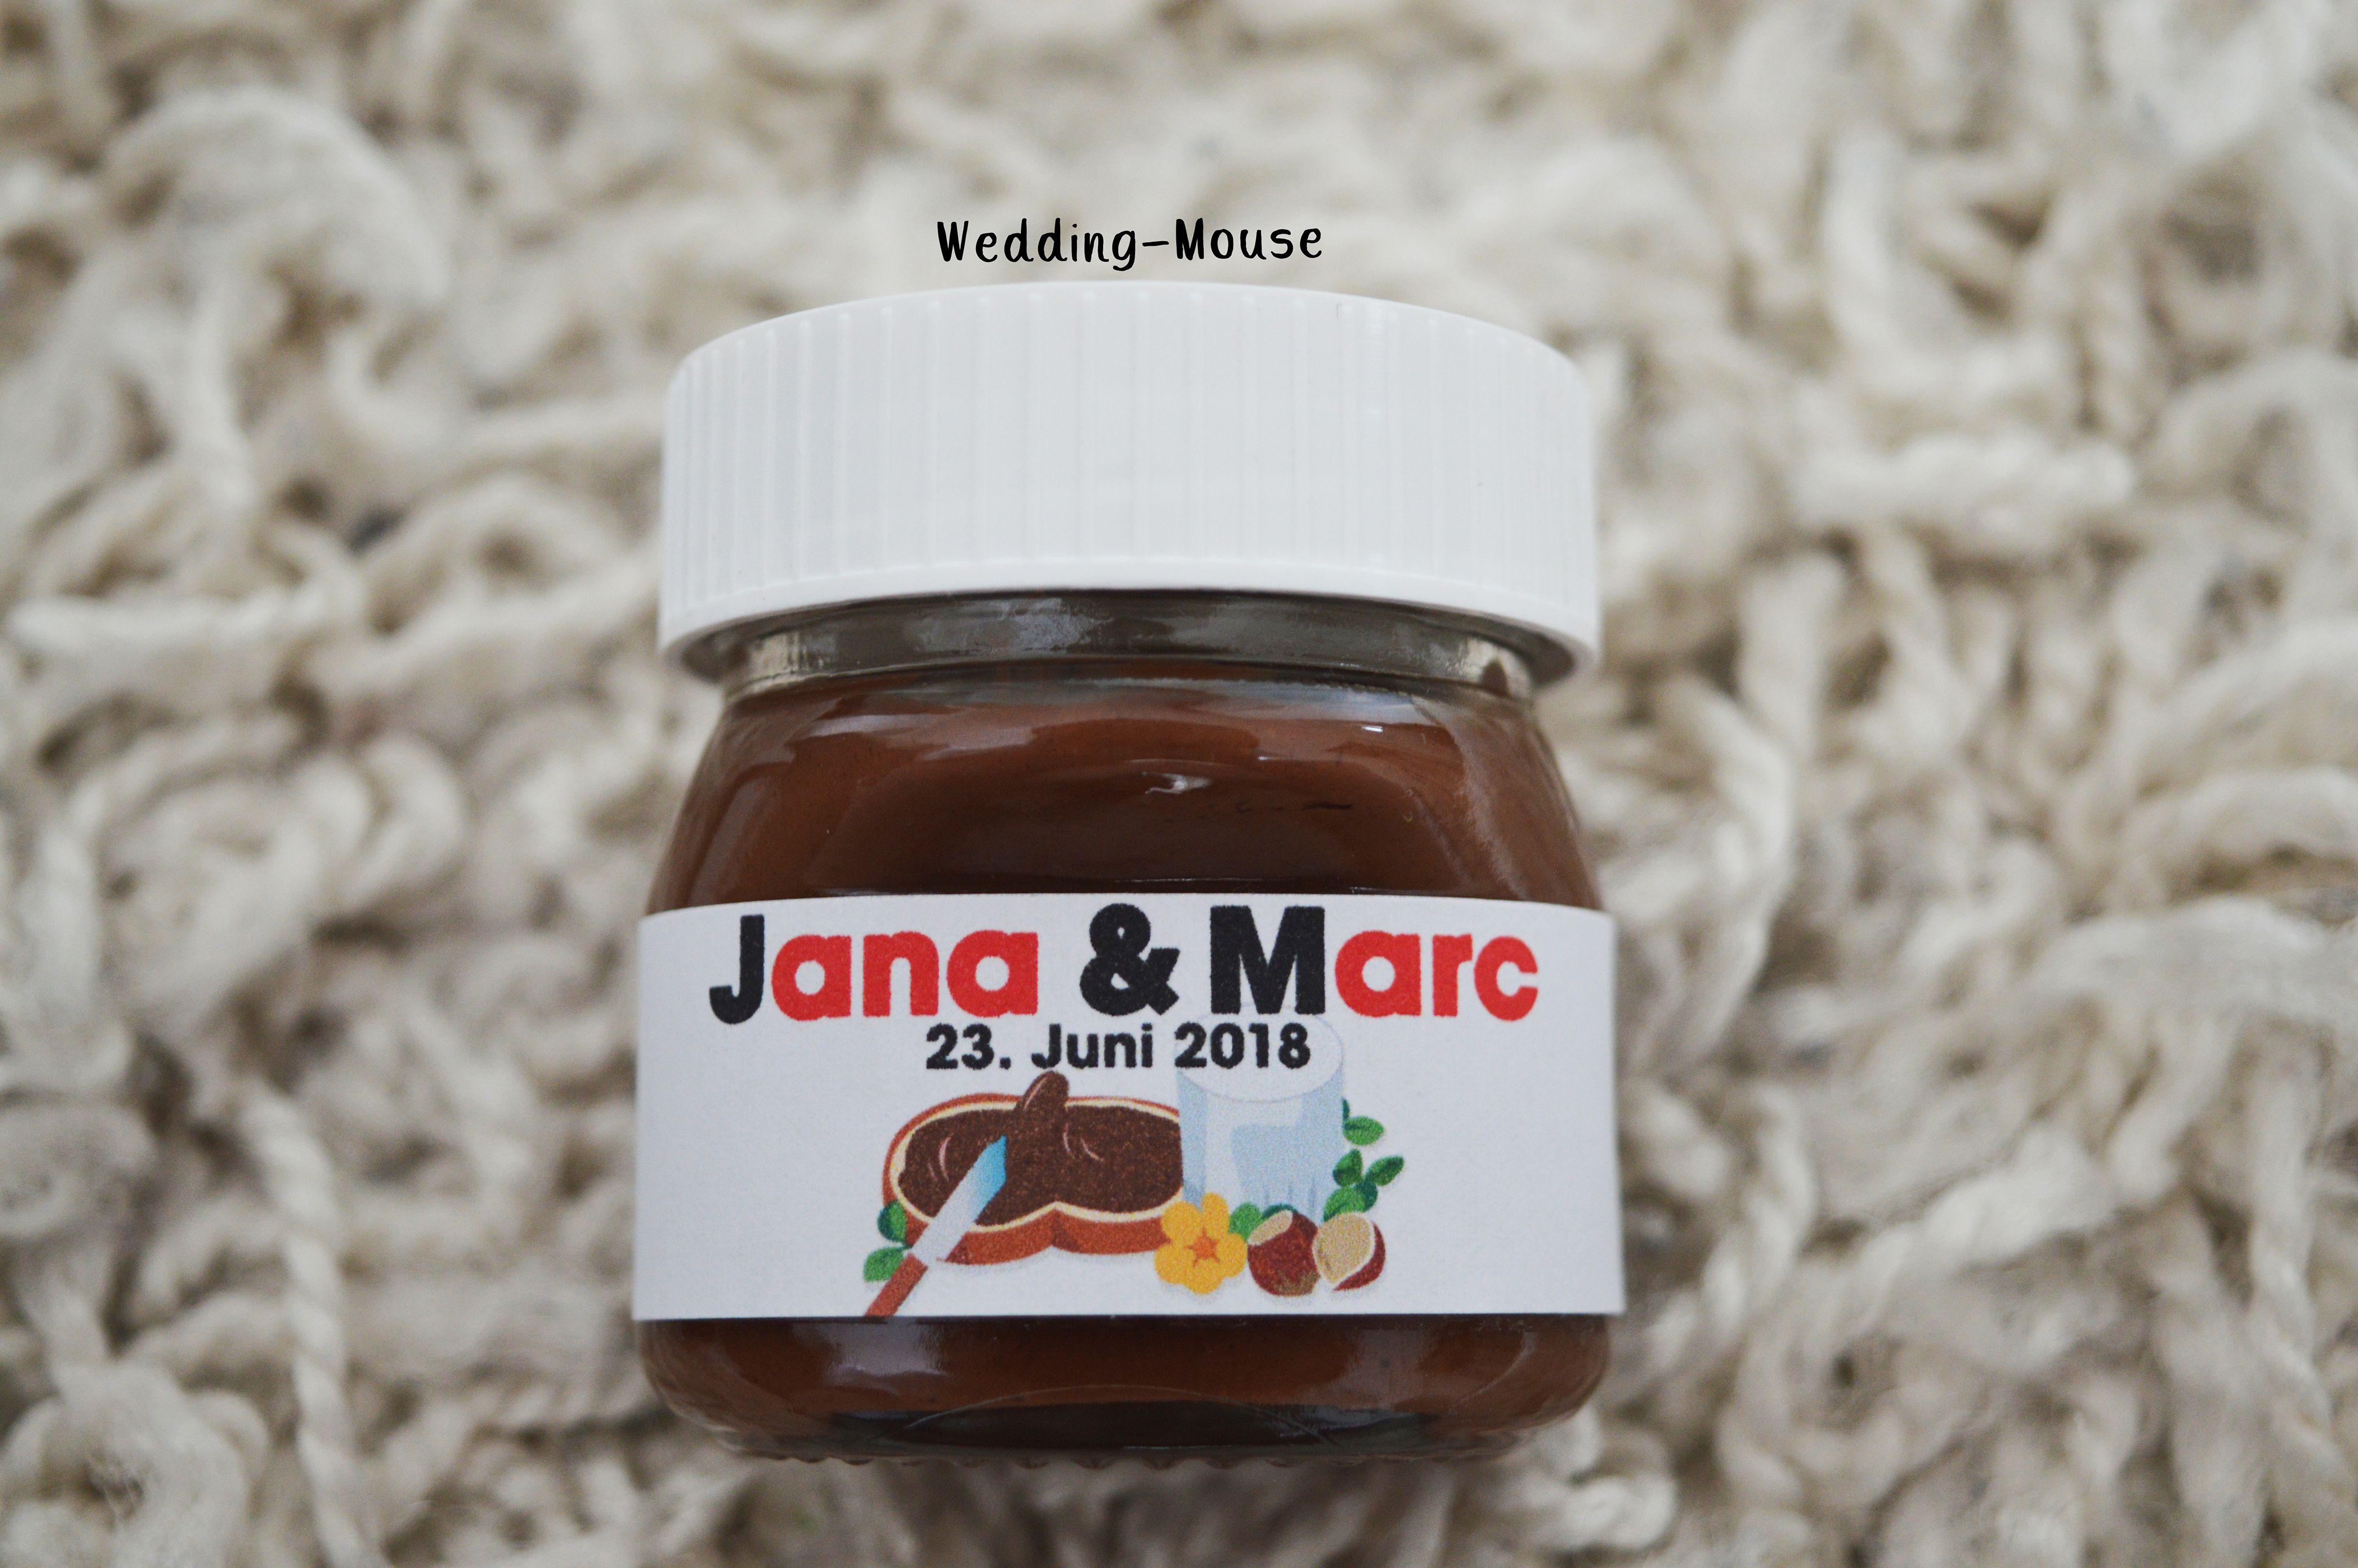 Nutella Gastgeschenk Weddingfavor Mini Nutella Hochzeit Wedding Nutella Label Nutella Guest Gifts